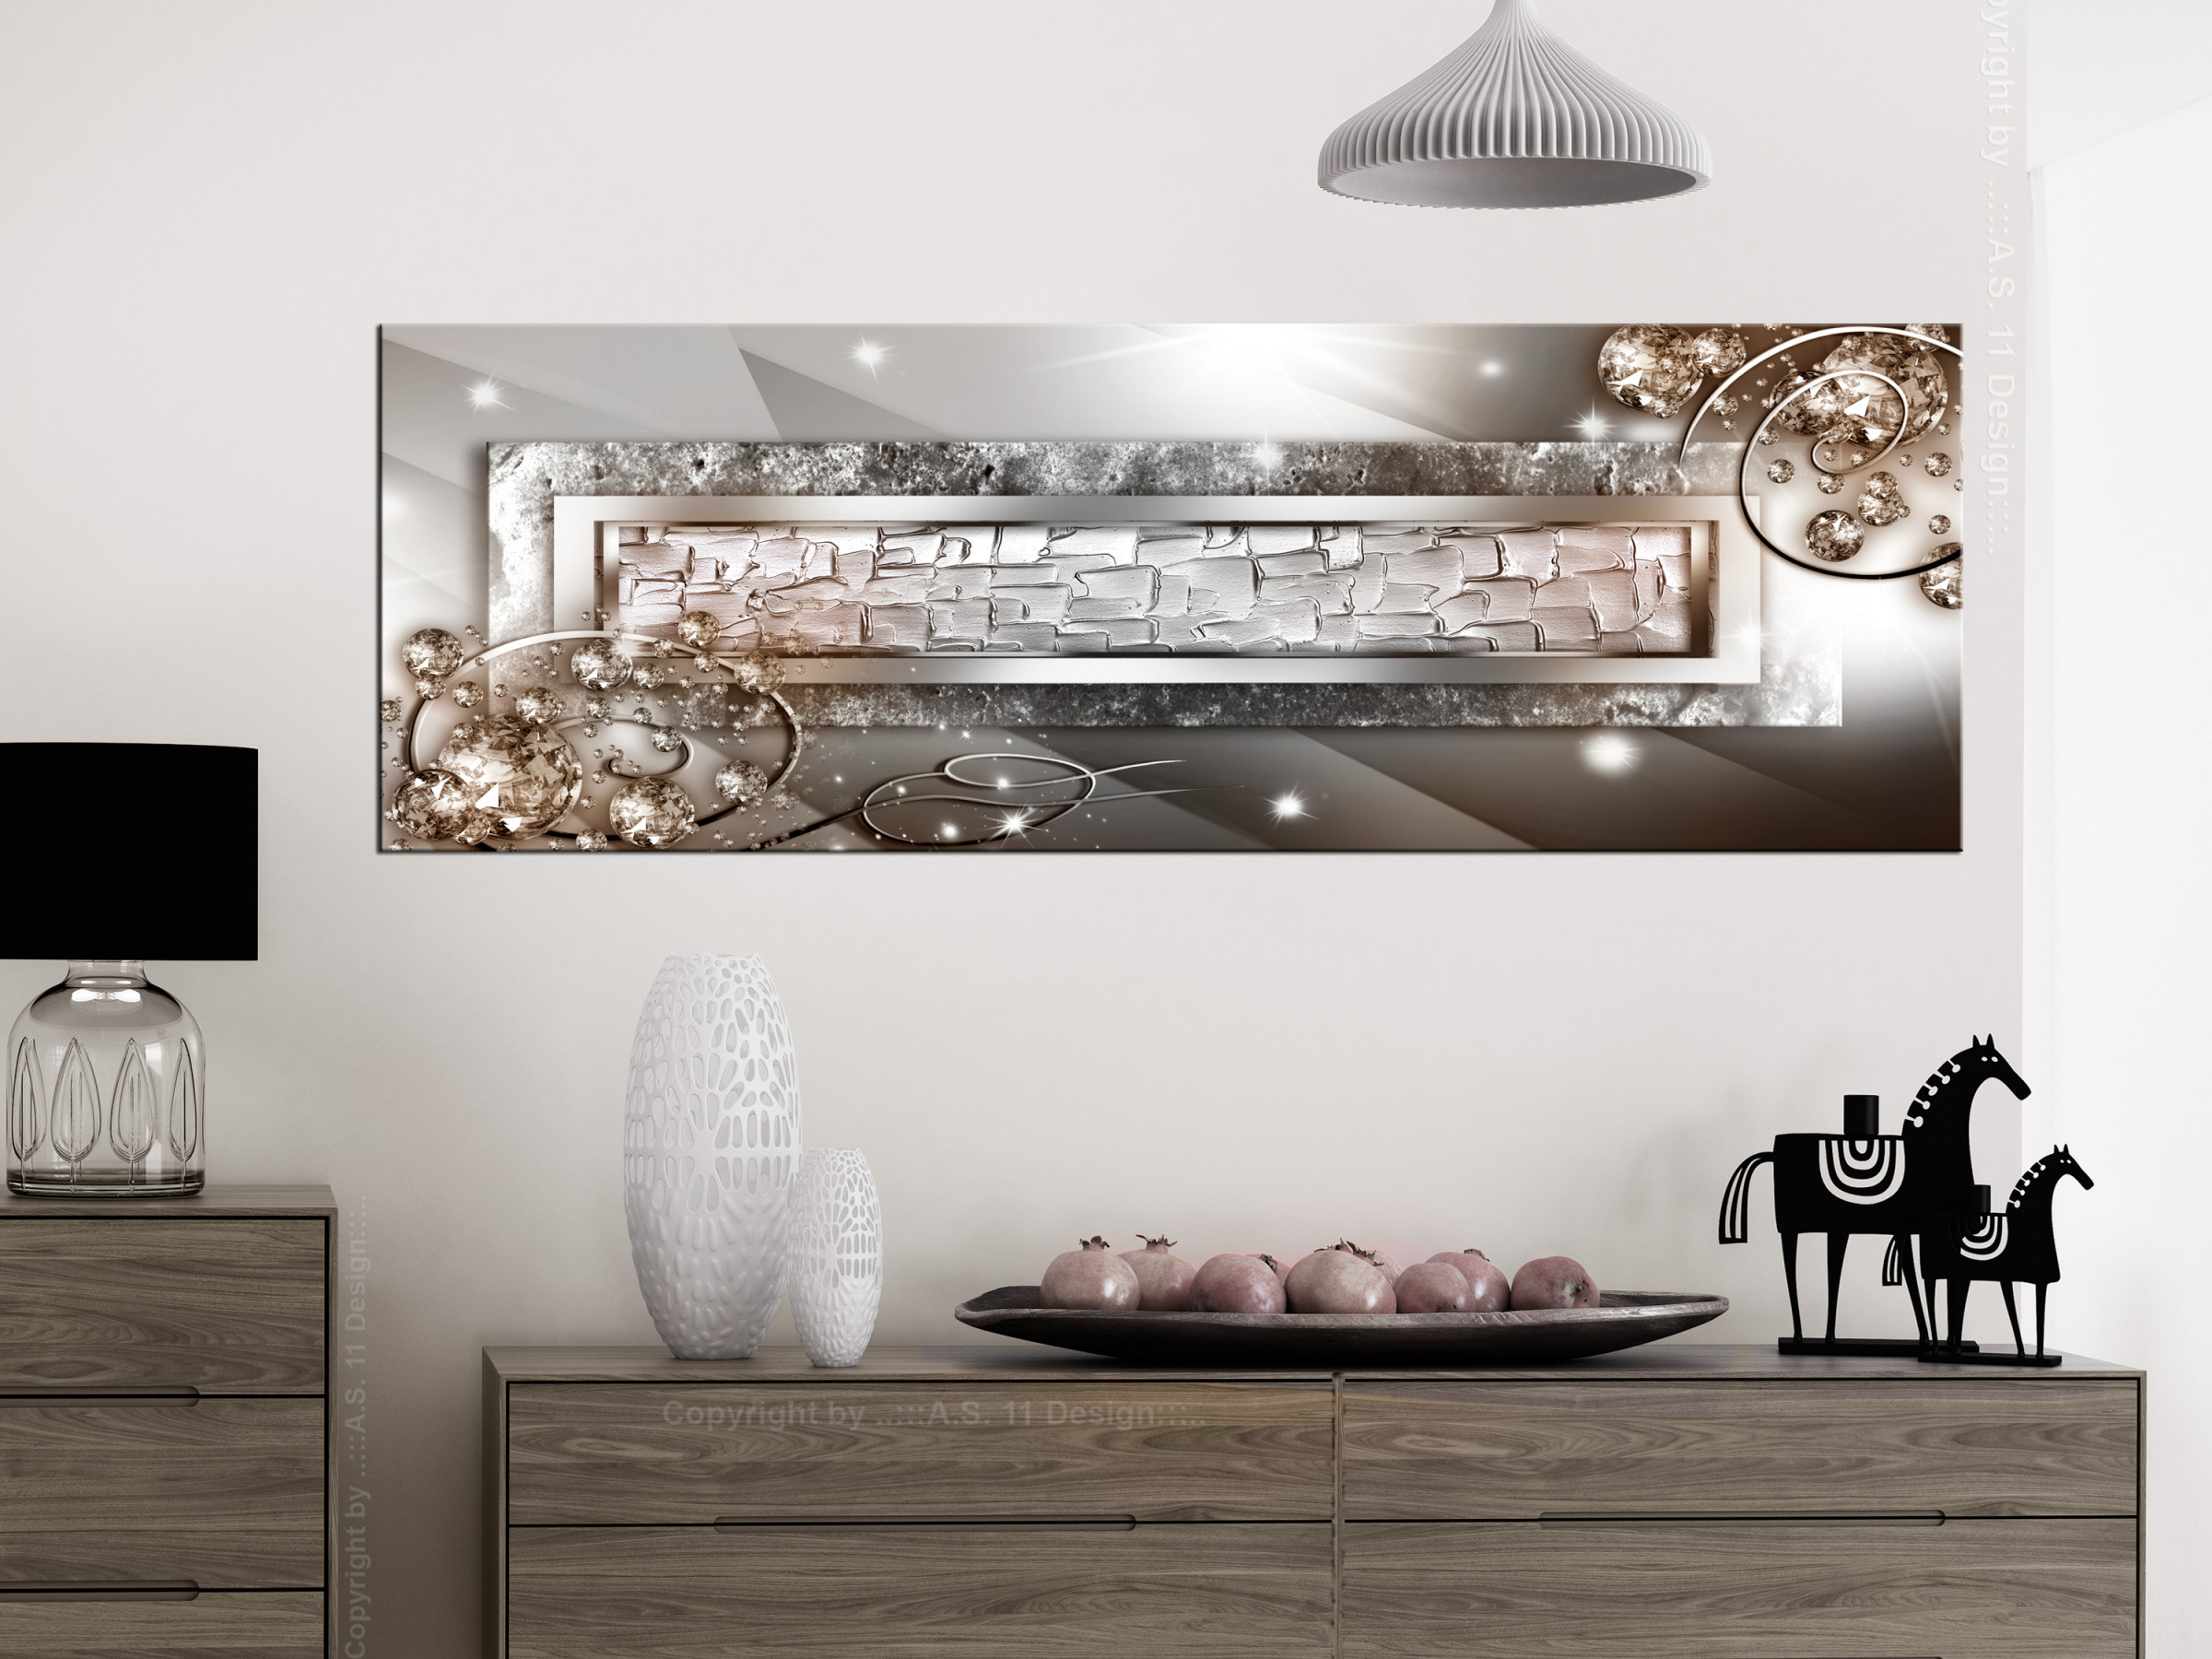 Moderne Bilder Wohnzimmer Xxl – Caseconrad von Moderne Leinwandbilder Wohnzimmer Photo